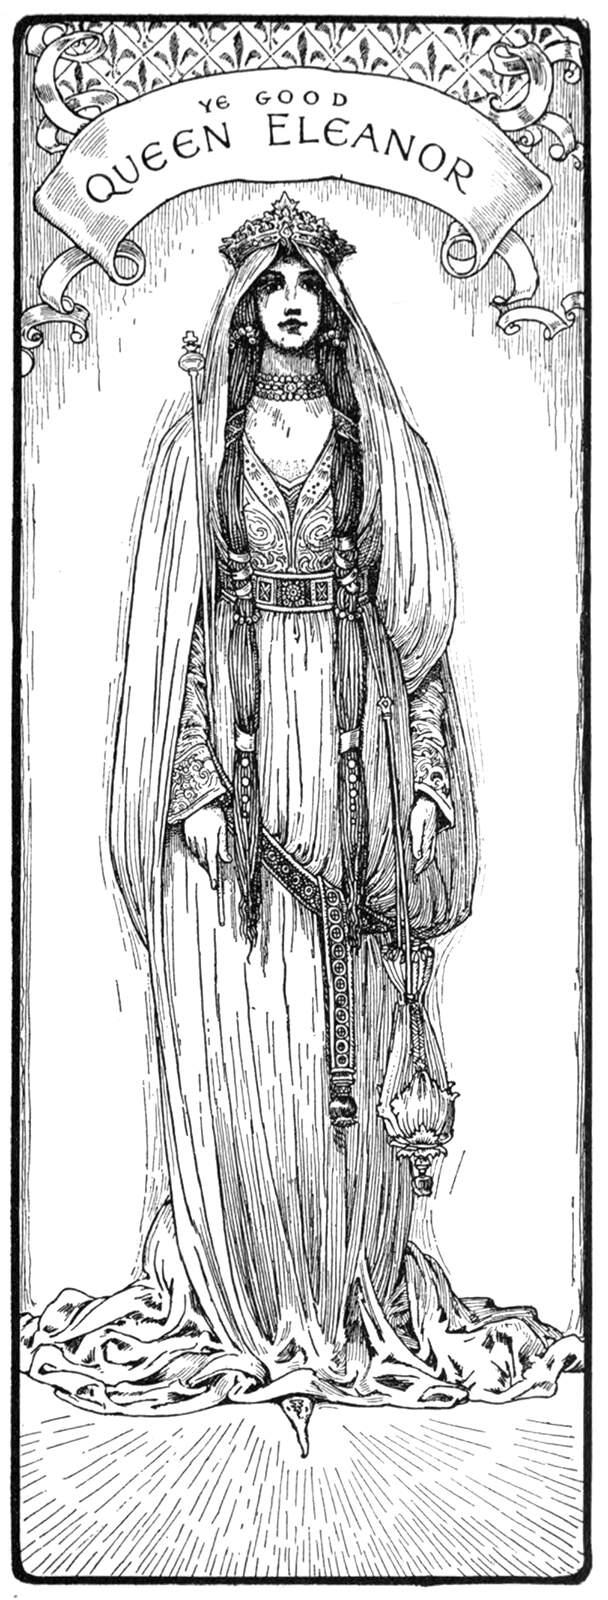 queen-eleanor-1600.jpg